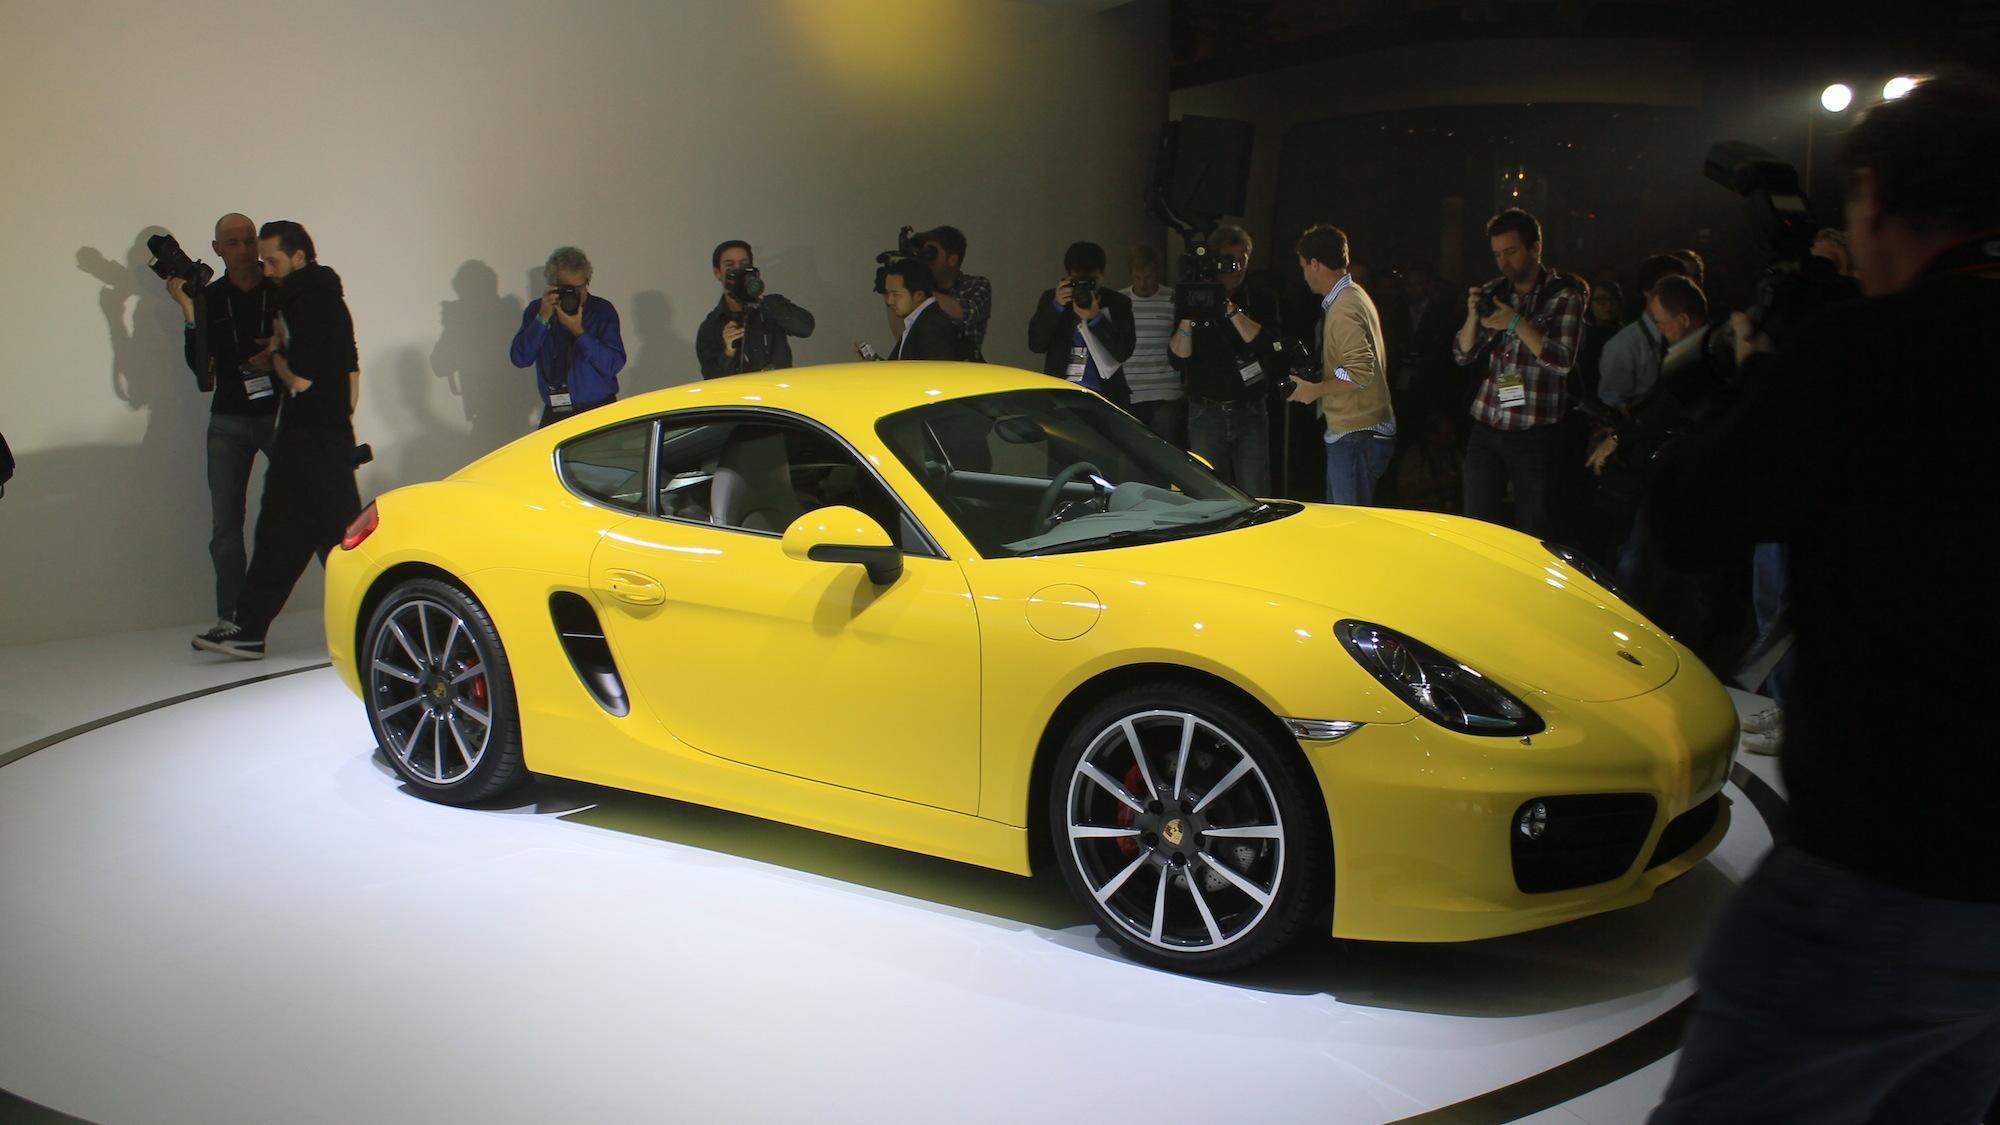 2014 Porsche Cayman S live photos, 2012 L.A. Auto Show